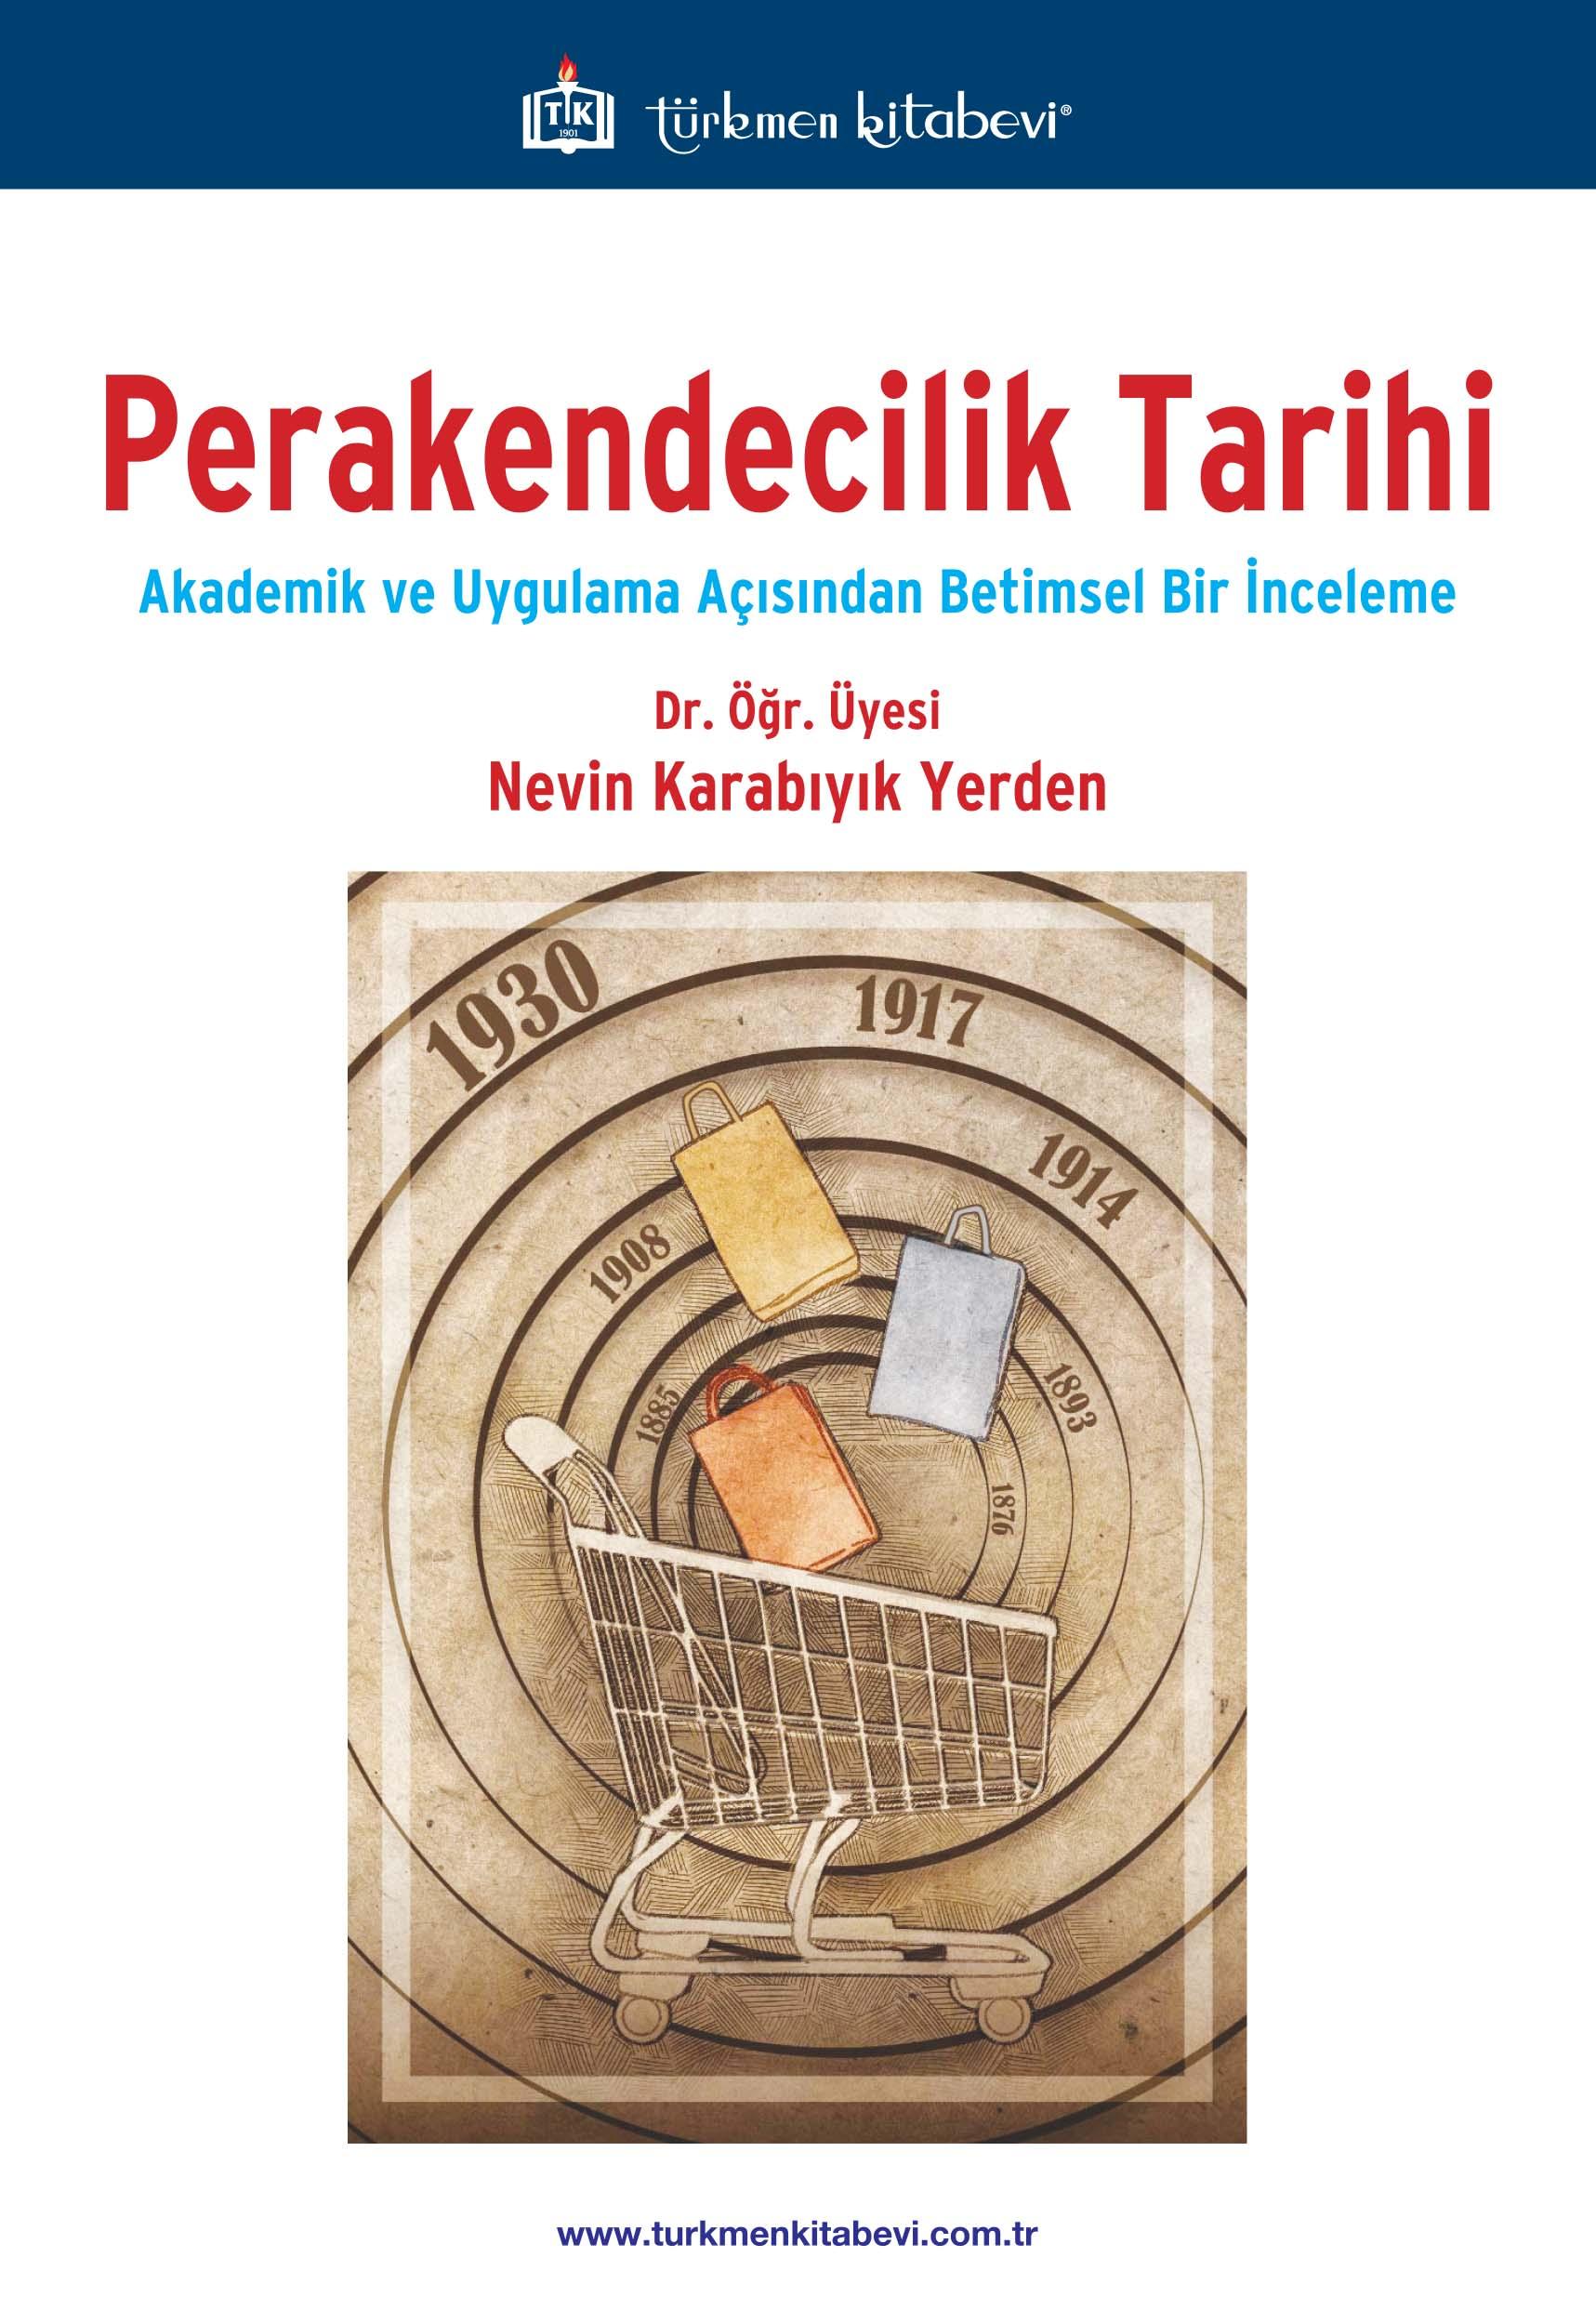 Perakendecilik Tarihi 'Akademik ve Uygulama Açısından Betimsel Bir İnceleme'